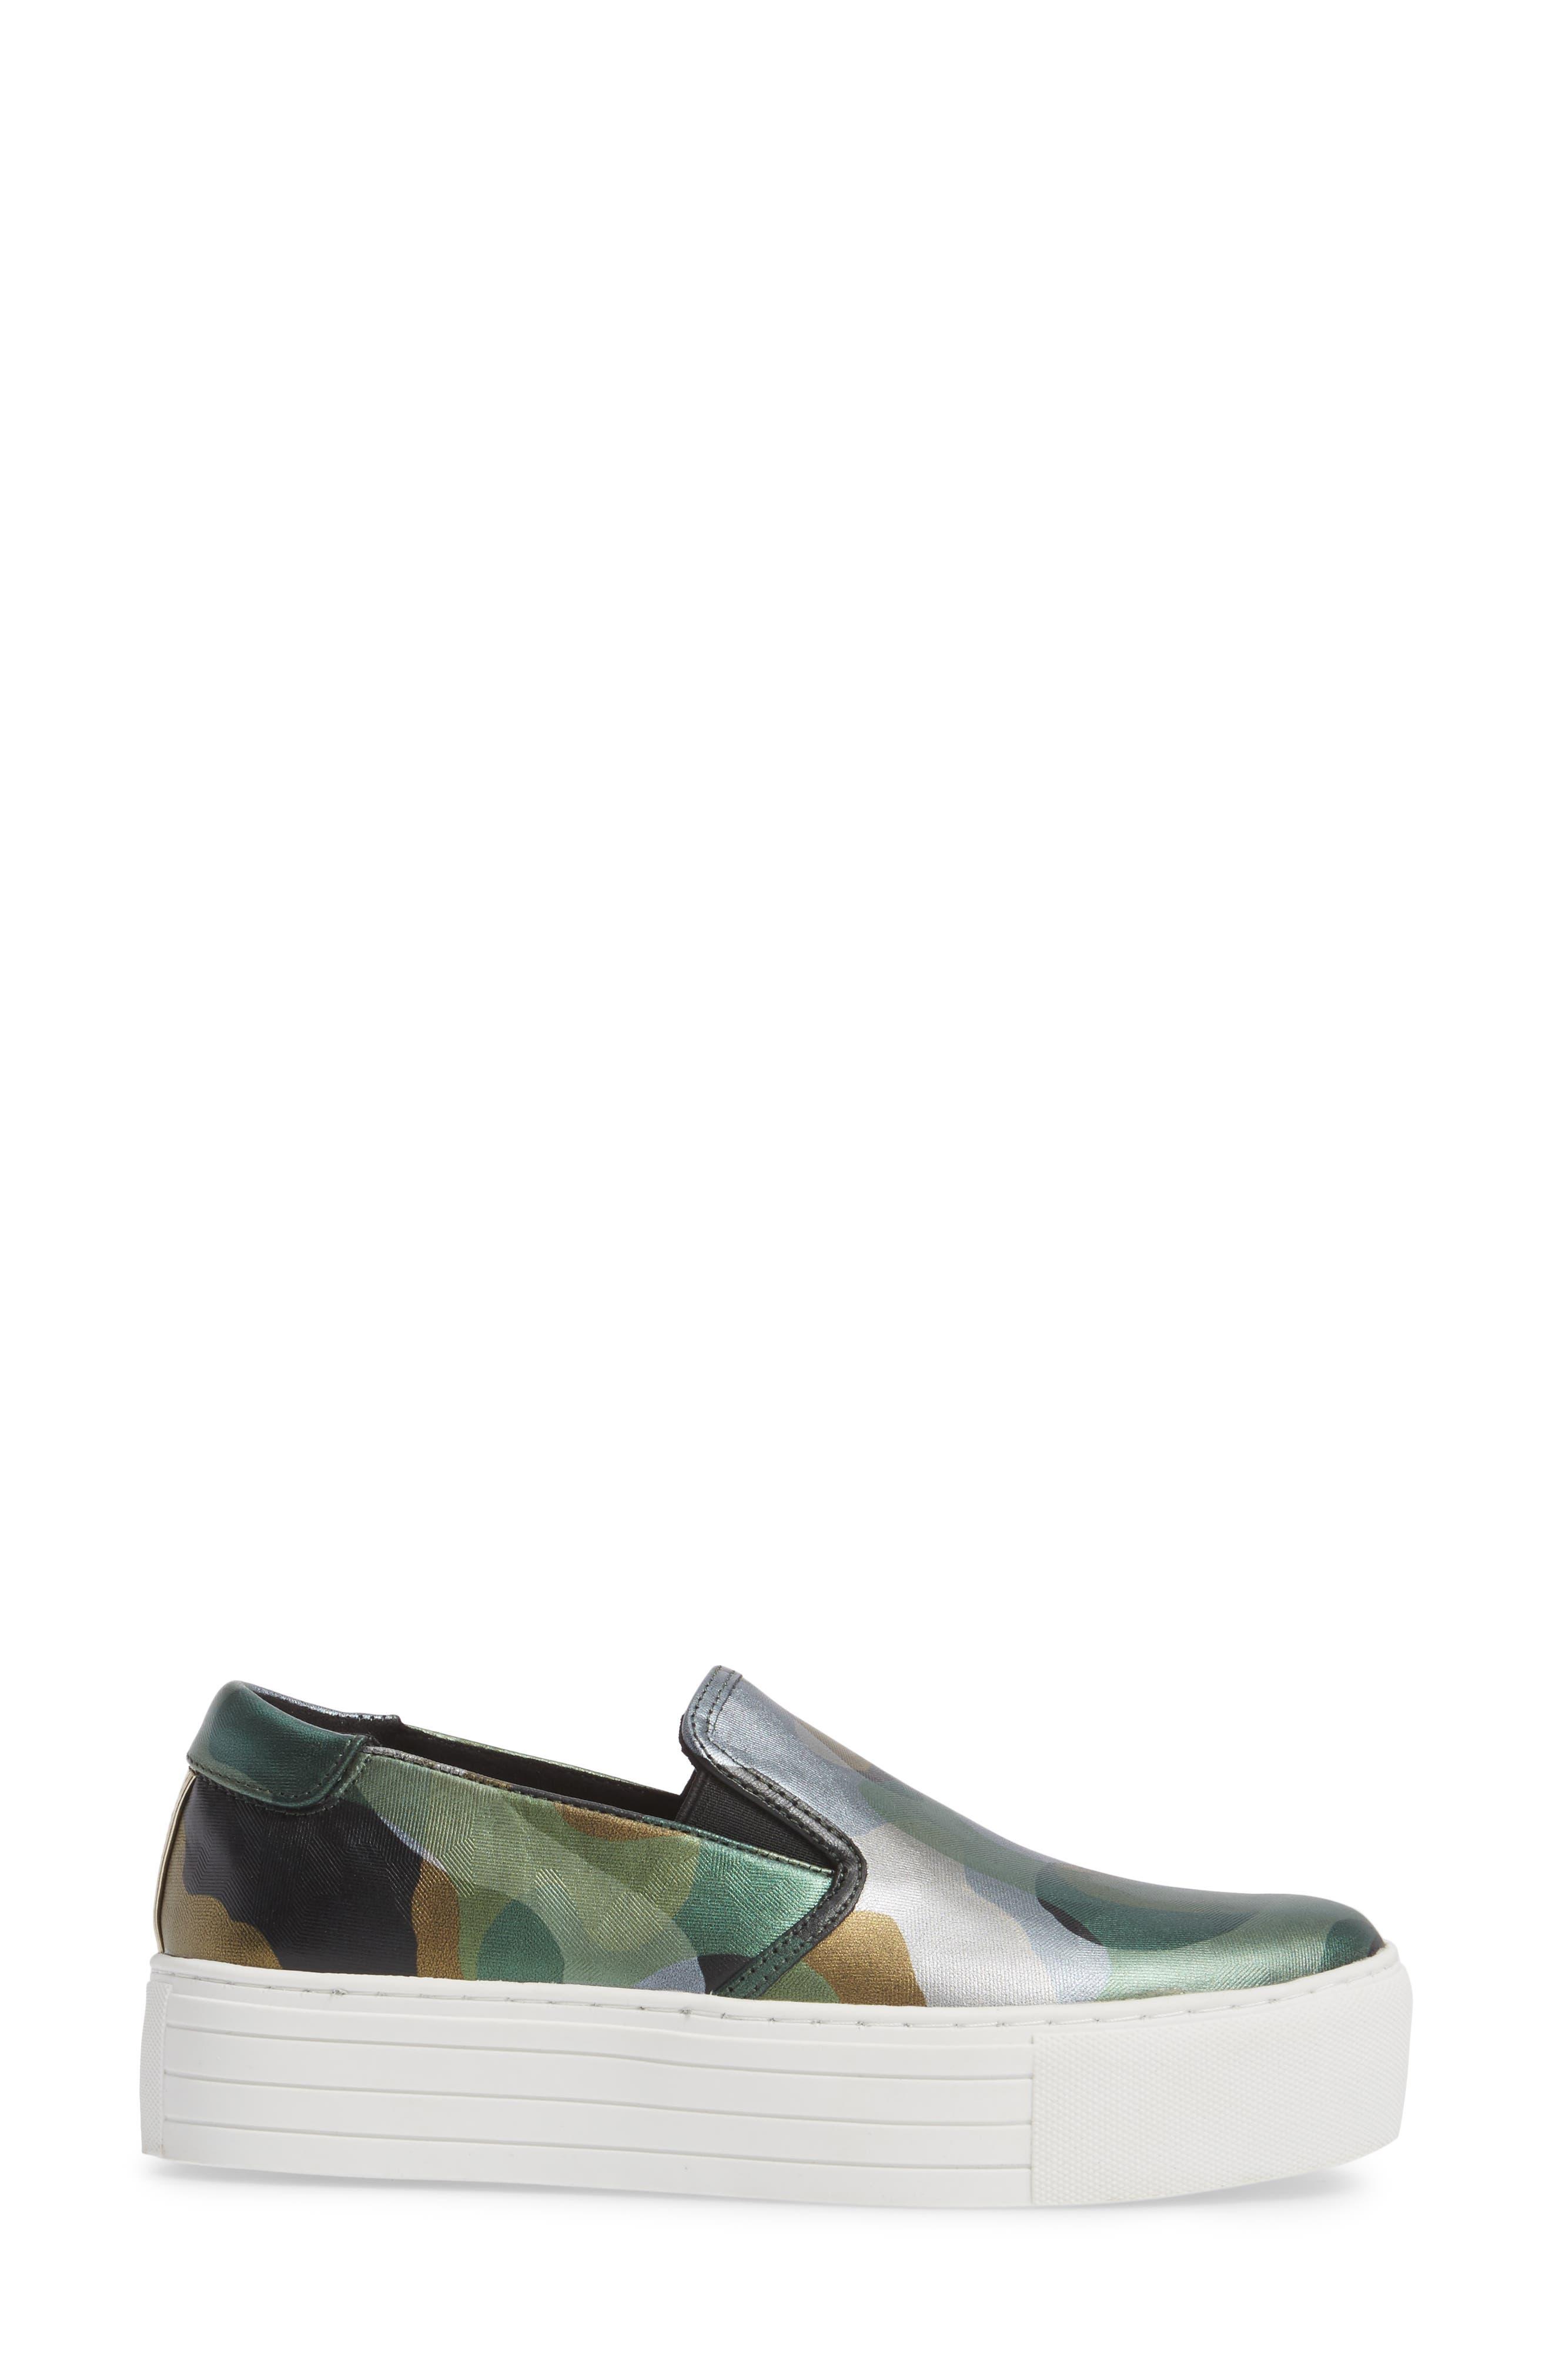 Joanie Slip-On Platform Sneaker,                             Alternate thumbnail 26, color,